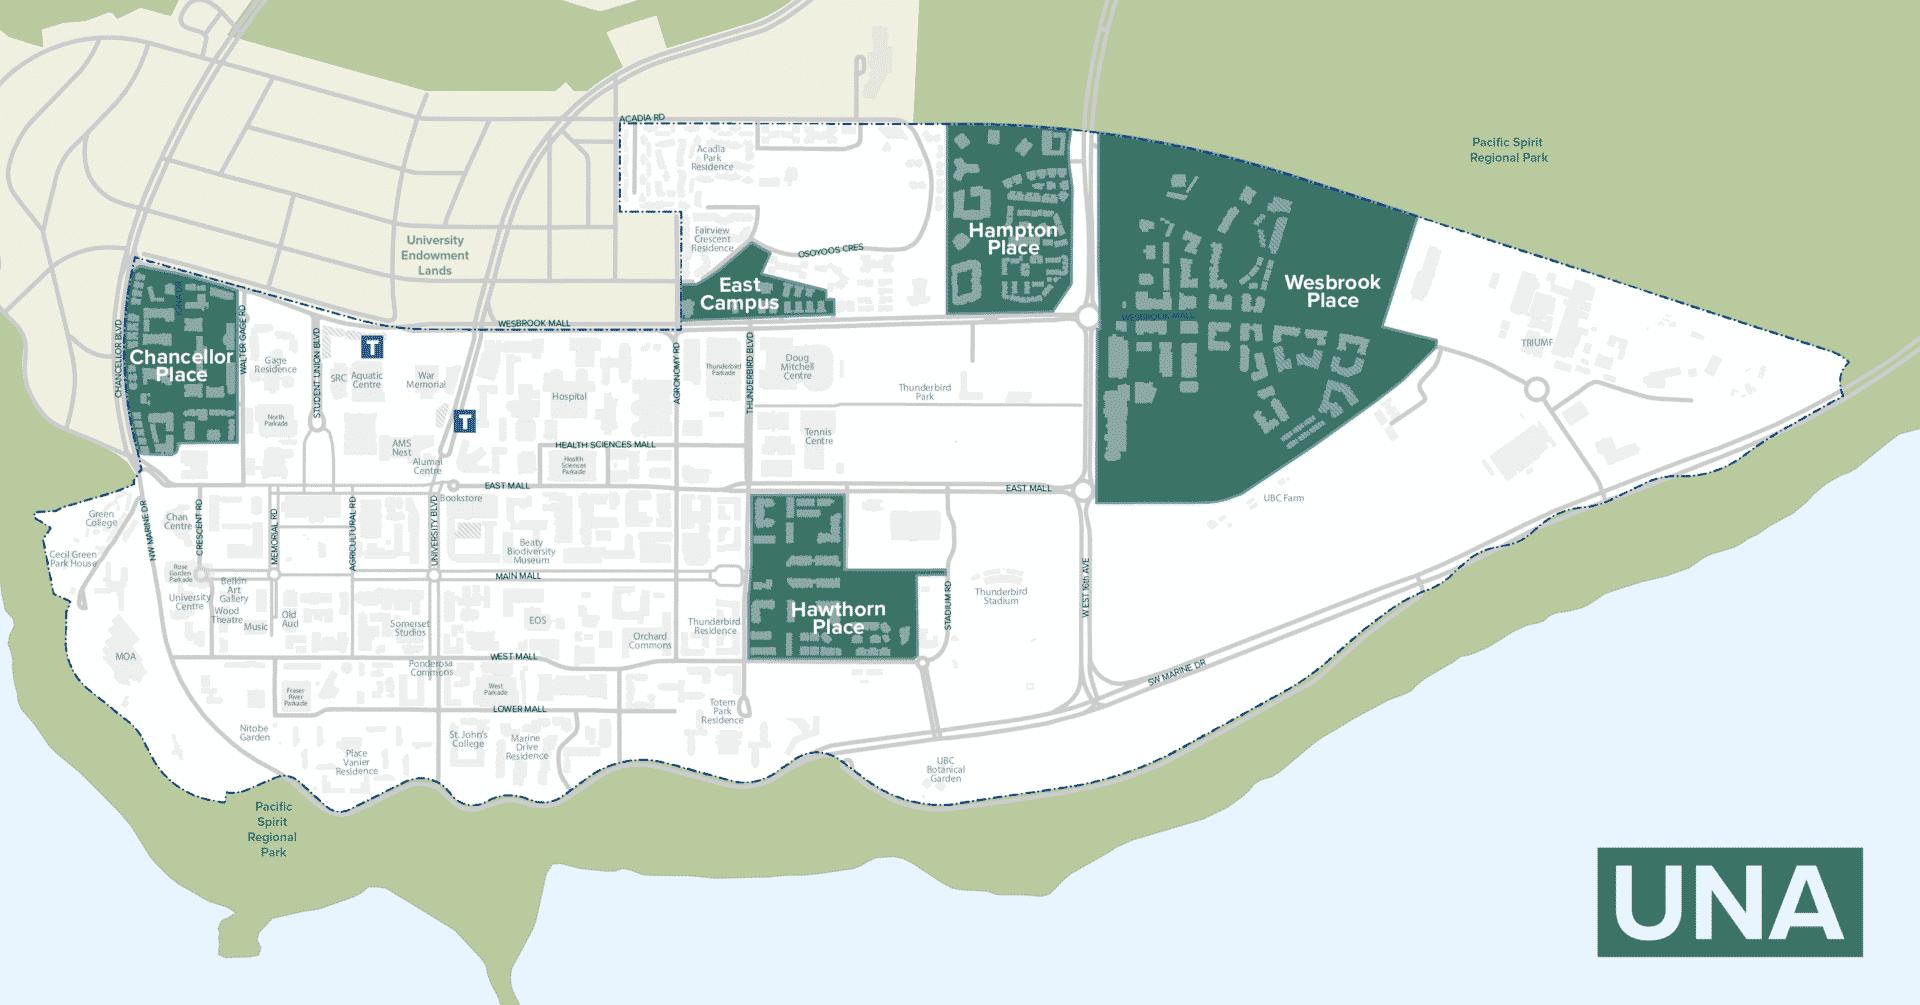 UNA Map